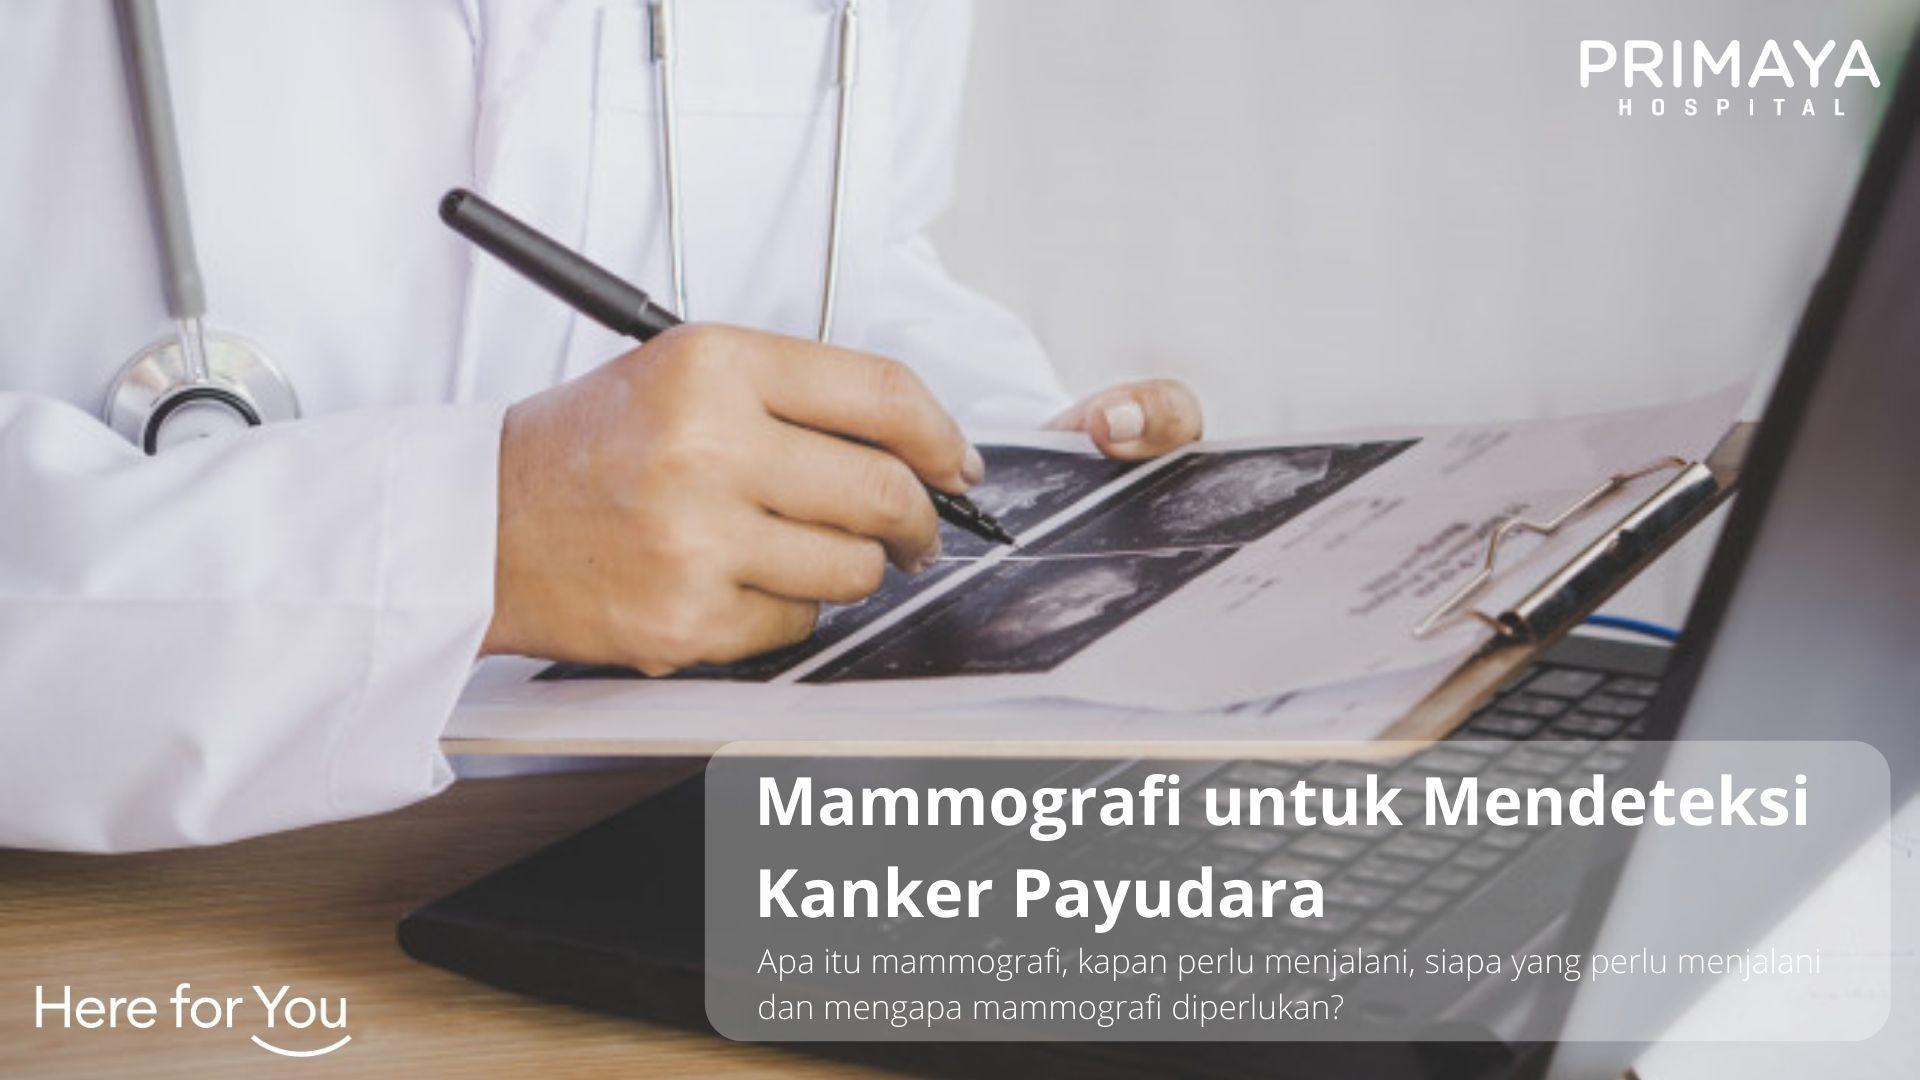 Mammografi untuk Mendeteksi Kanker Payudara